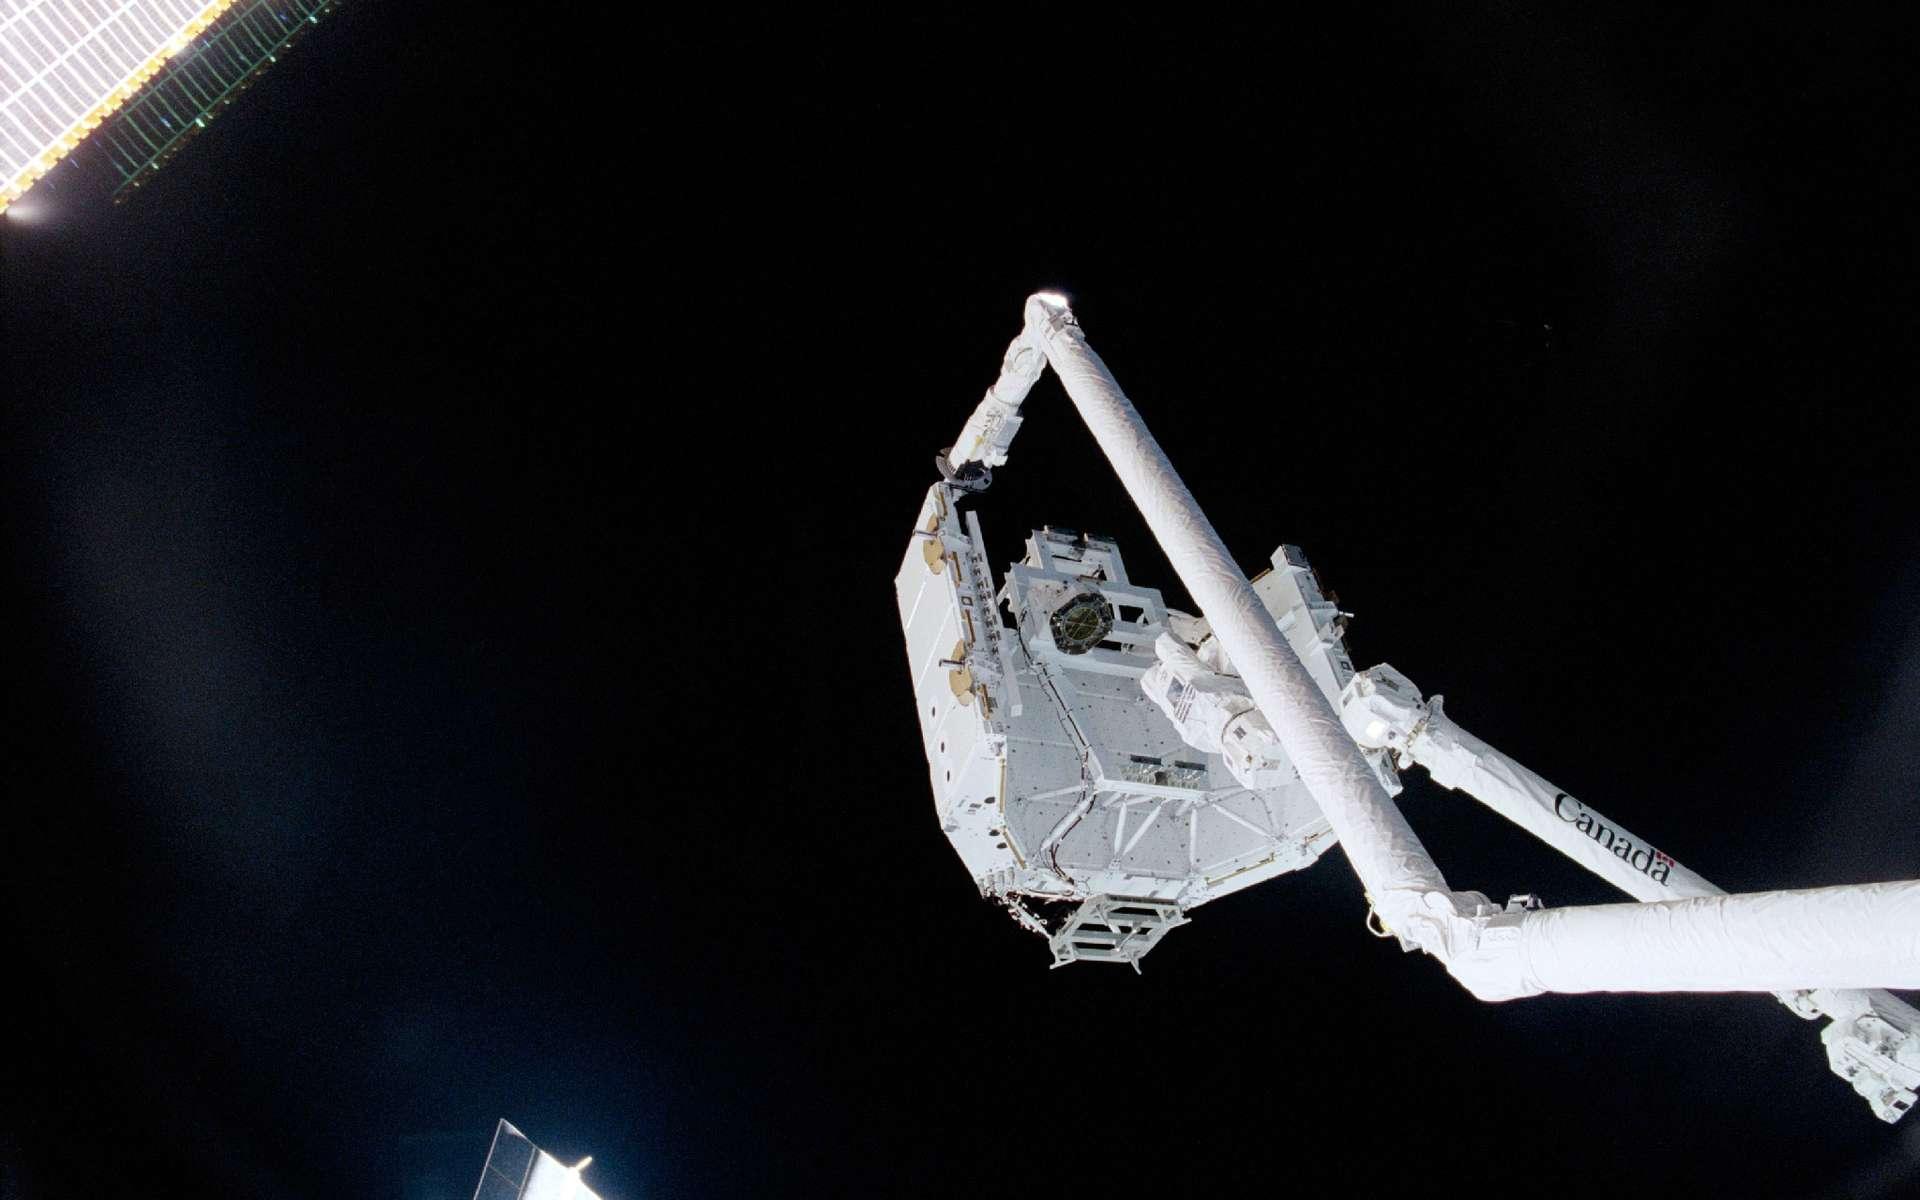 La célèbre ''Poignée de main'' canadienne dans l'espace a eu lieu le 28 avril 2001, alors que le Canadarm2 transférait son berceau au bras canadien de la navette Endeavour. Crédit Nasa